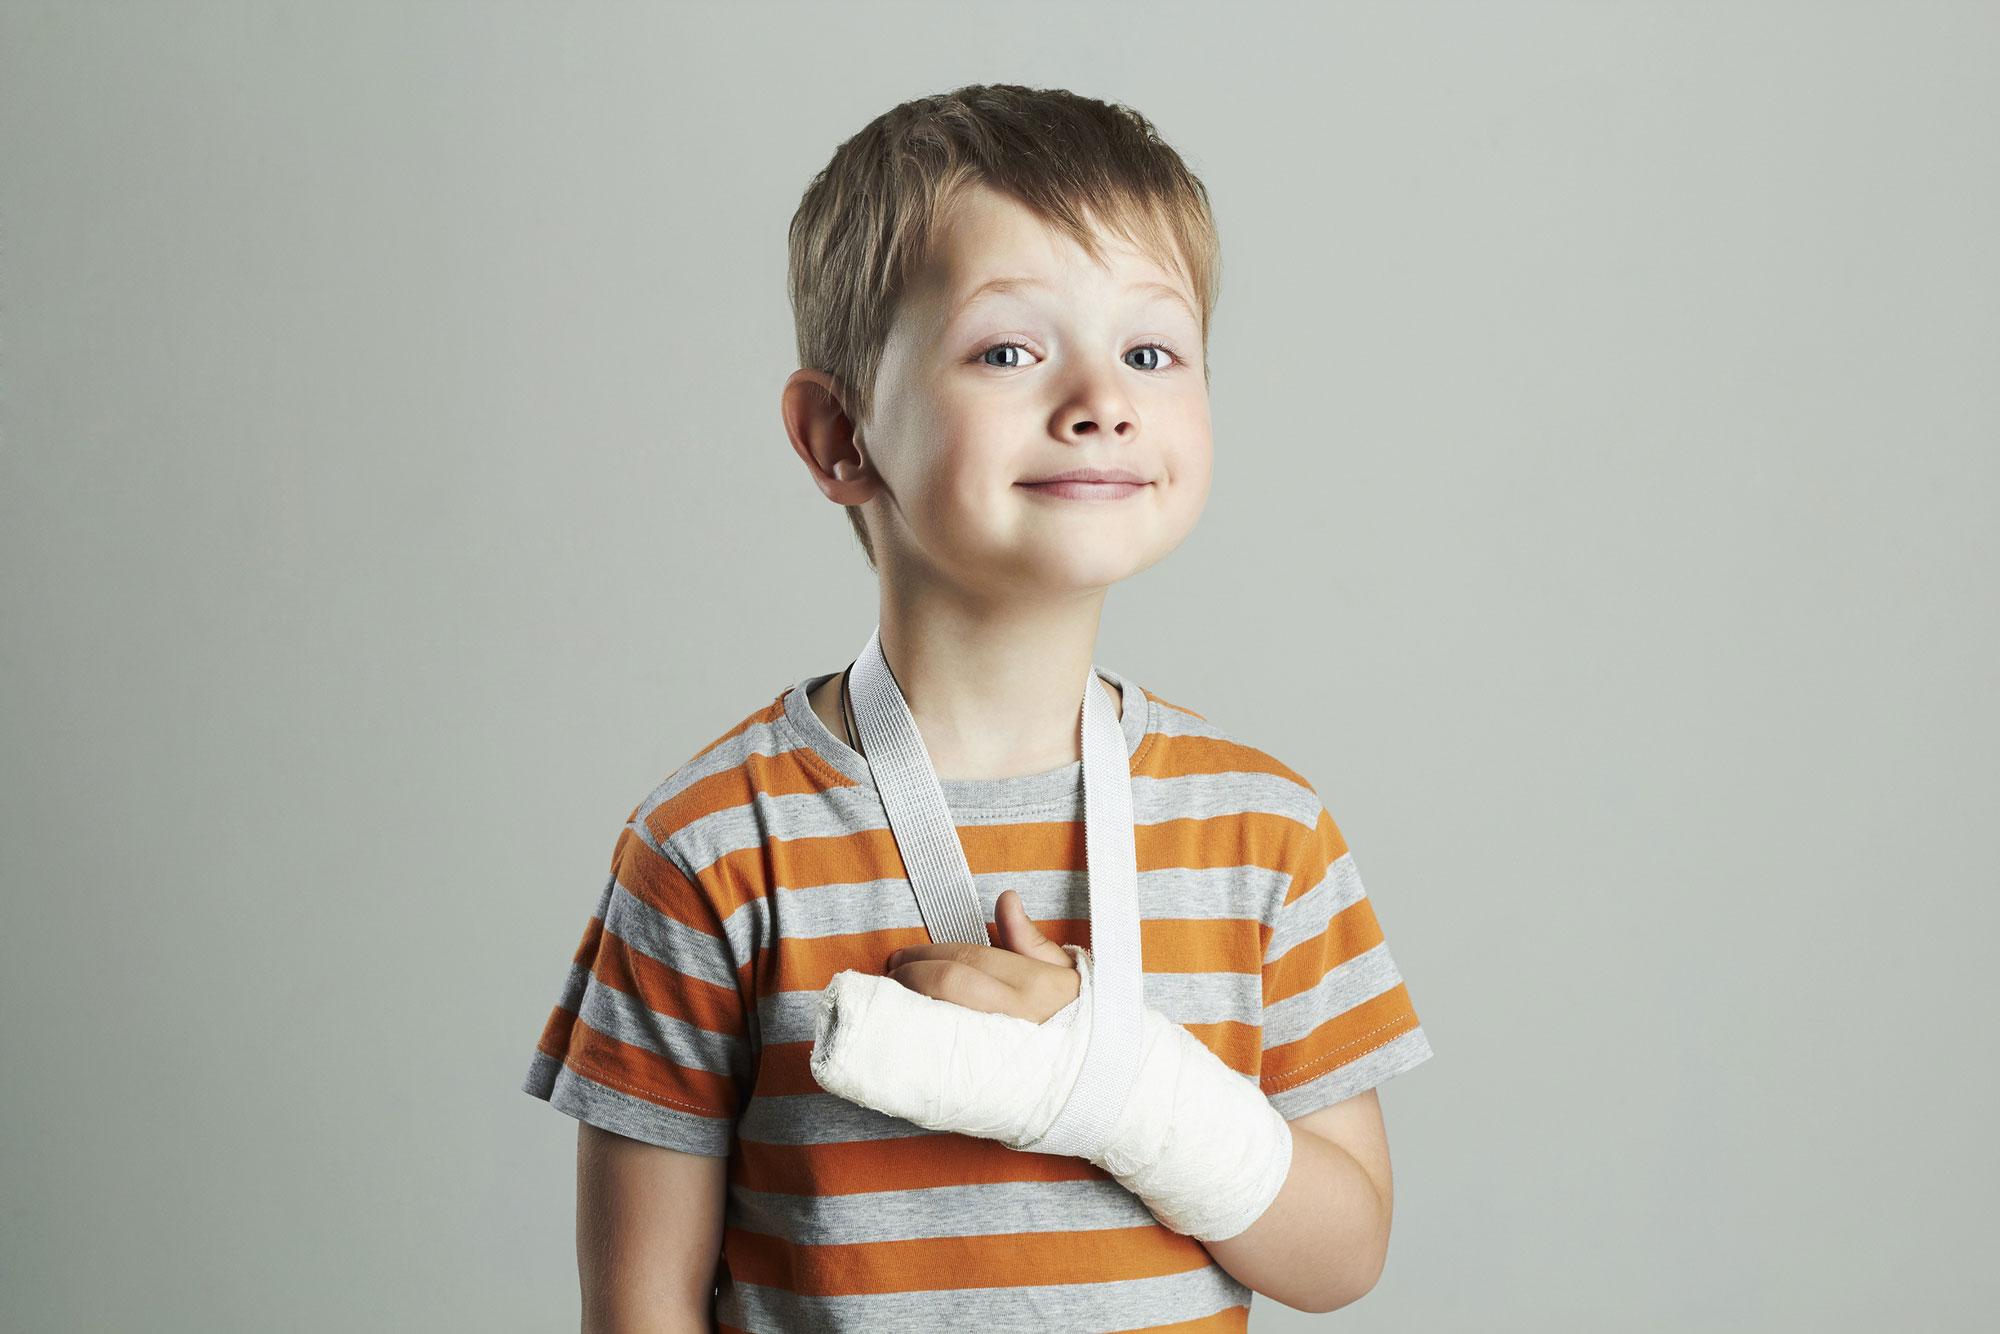 Wybierz właściwe ubezpieczenie dla swojego dziecka